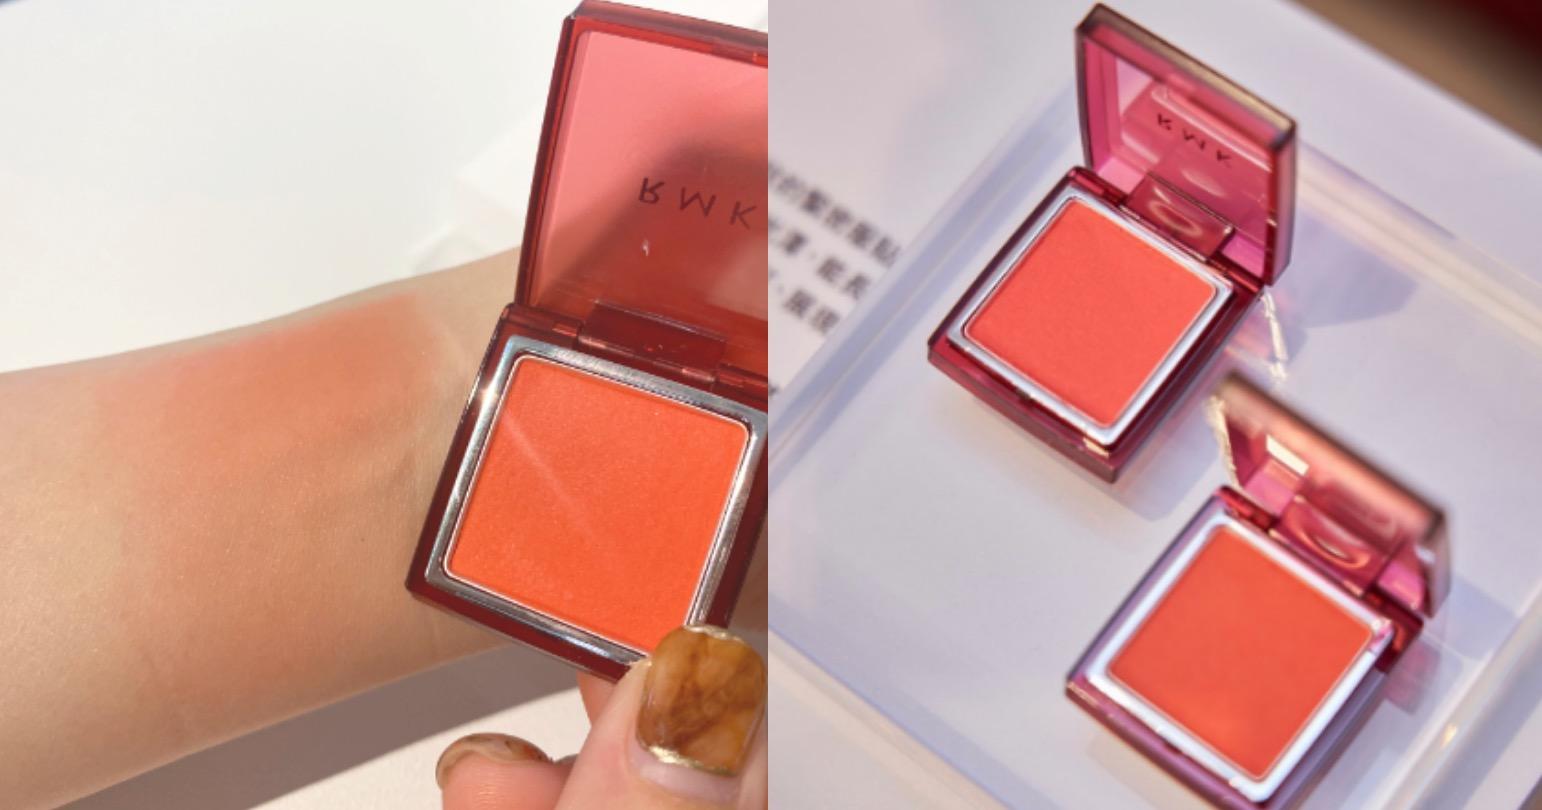 這盤很適合當眼下腮紅,或者拿來當眼影也OK,能緊密服貼於肌膚表層又非常輕盈不厚重,推薦帶有健康血色感,能襯托出女人韻味的 #02珊瑚紅。